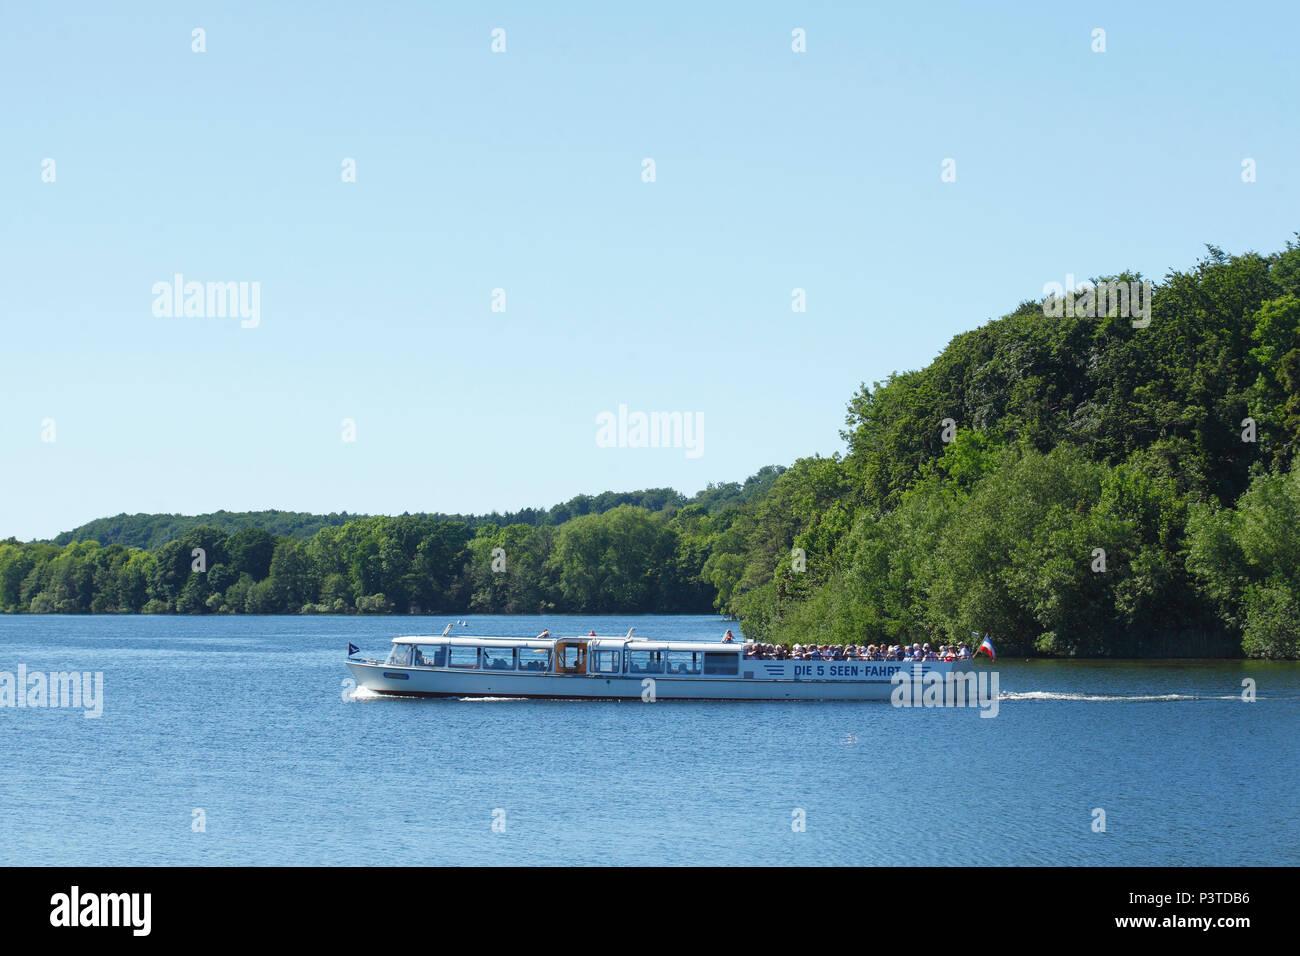 Ausflugsschiff, 5 Seen Tour, Dieksee, Bad Malente-Gremsmühlen, Malente, Schleswig-Holstein, Deutschland, Europa ich Ausflugsschiff, 5 Seen-Rundfahrt, SterbenStockfoto